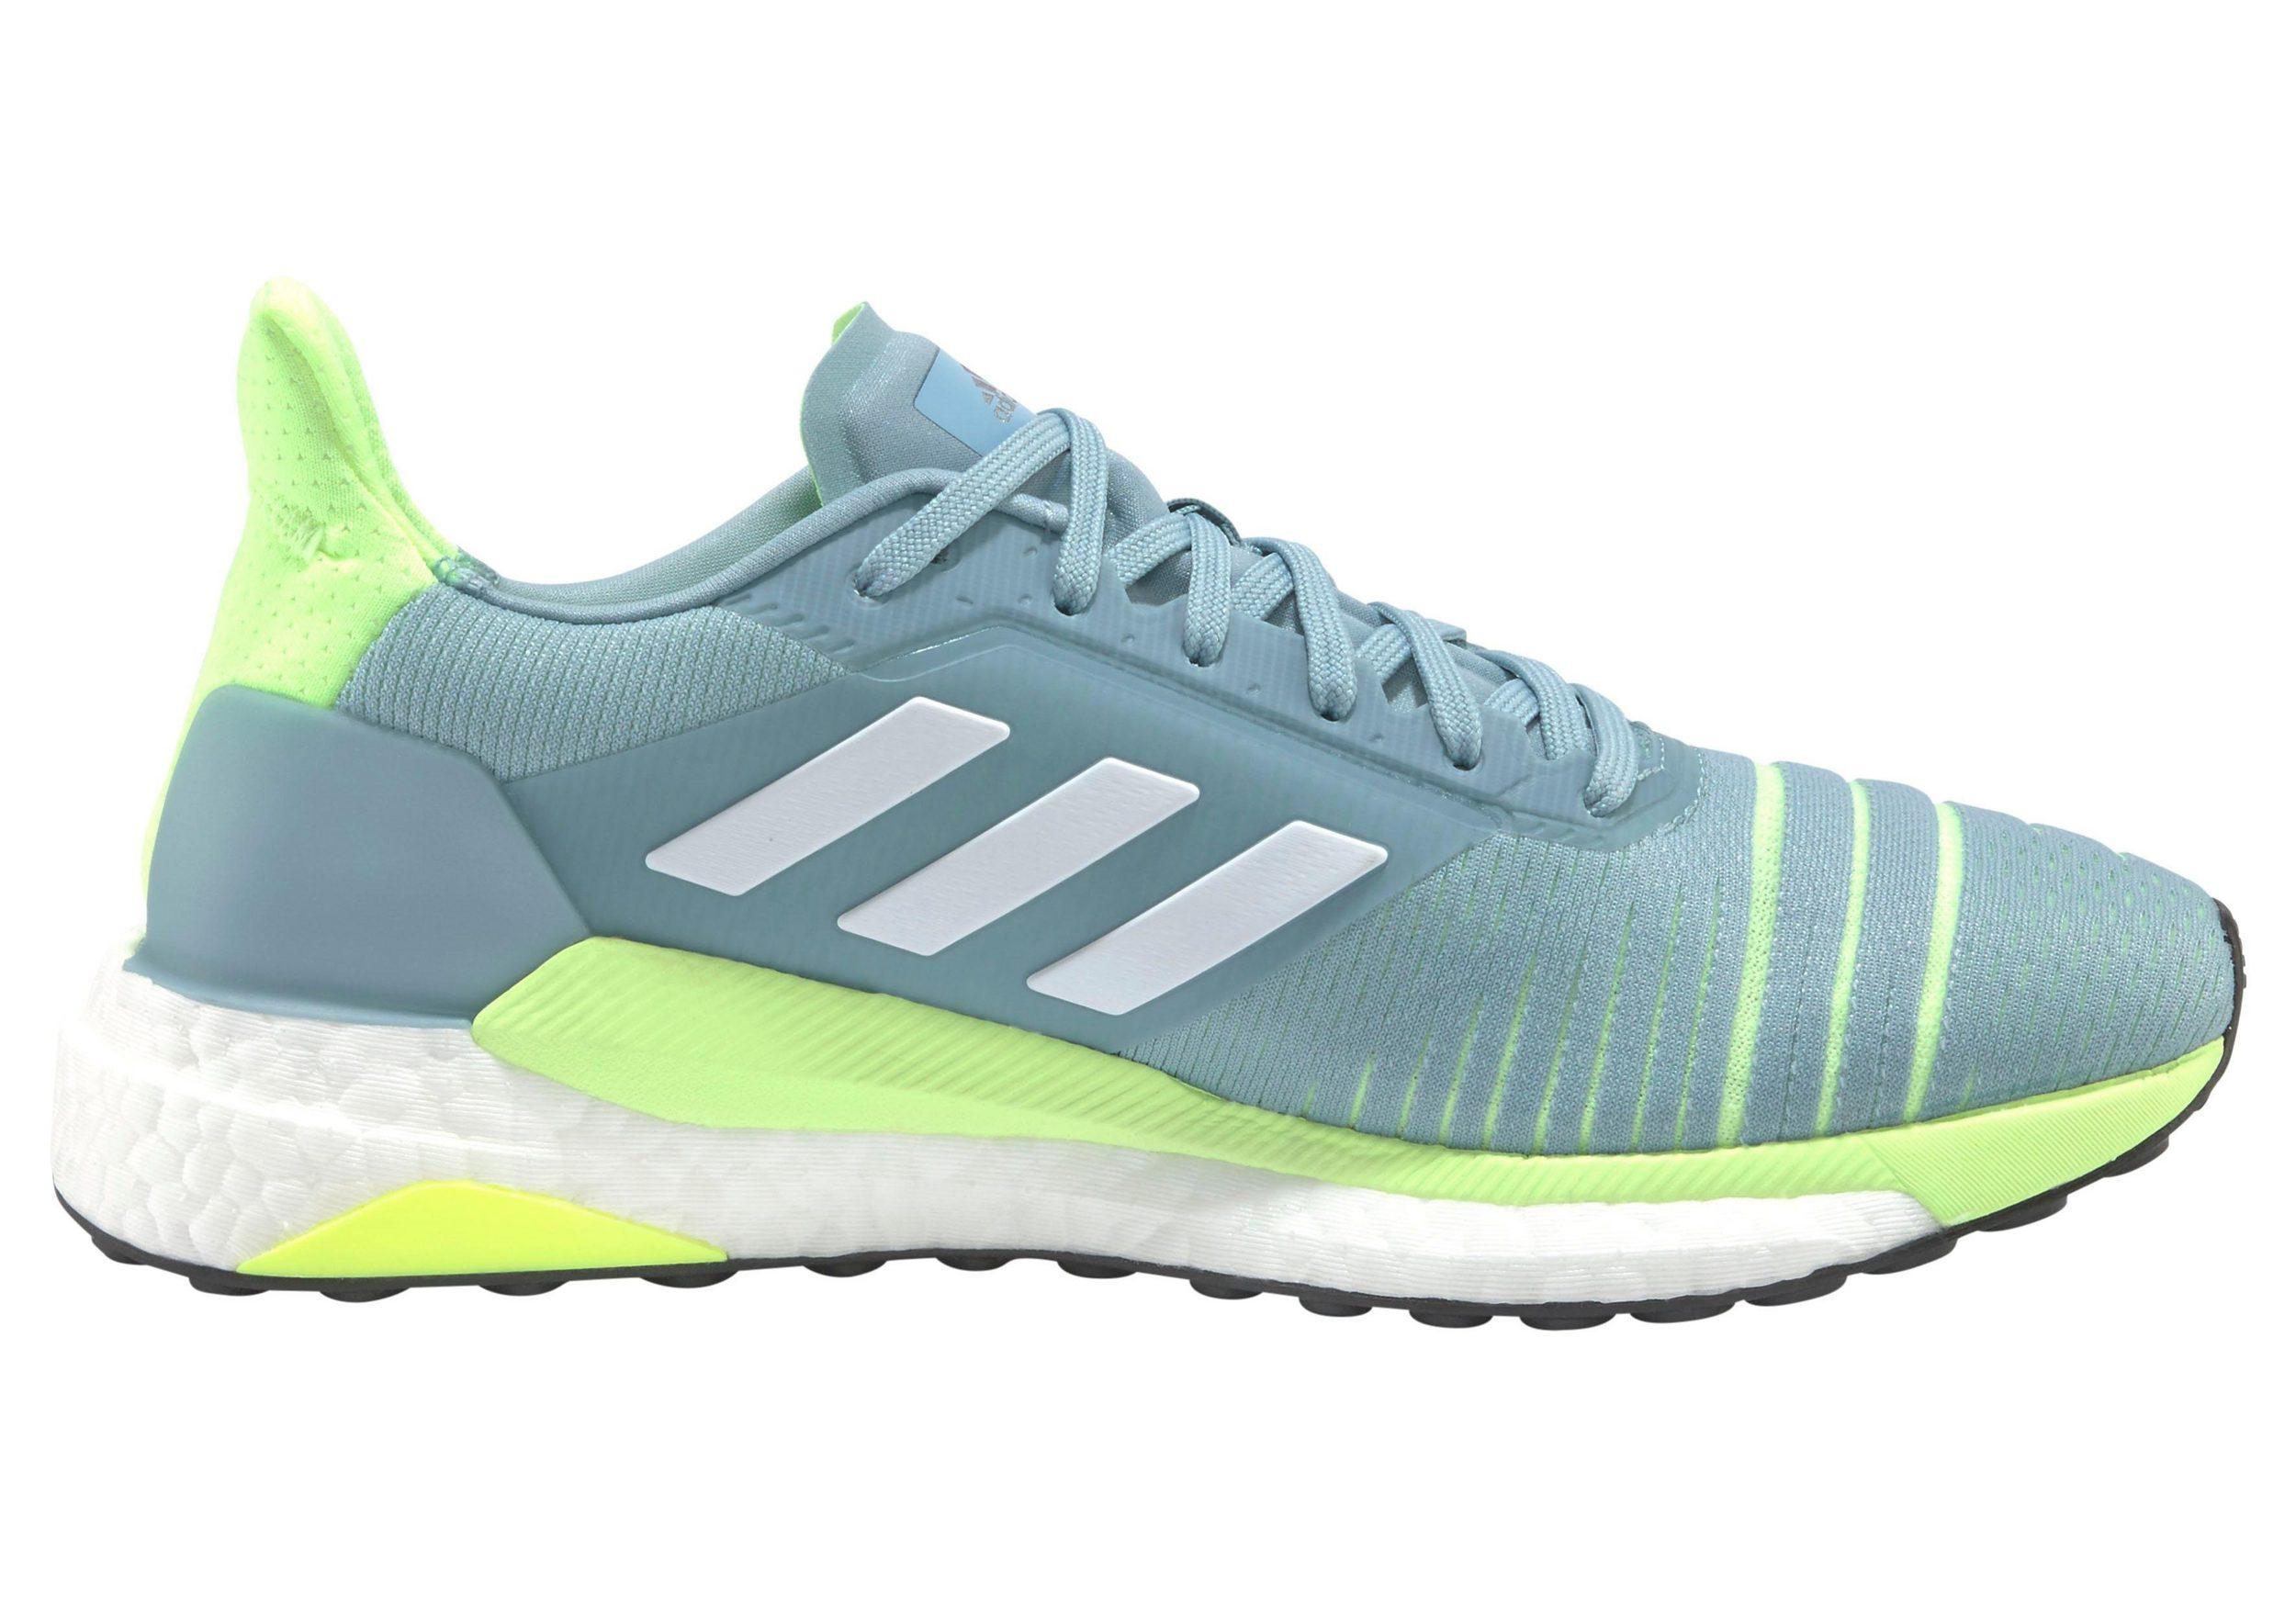 Adidas Damen Solar Glide Laufschuh mint-neongrün